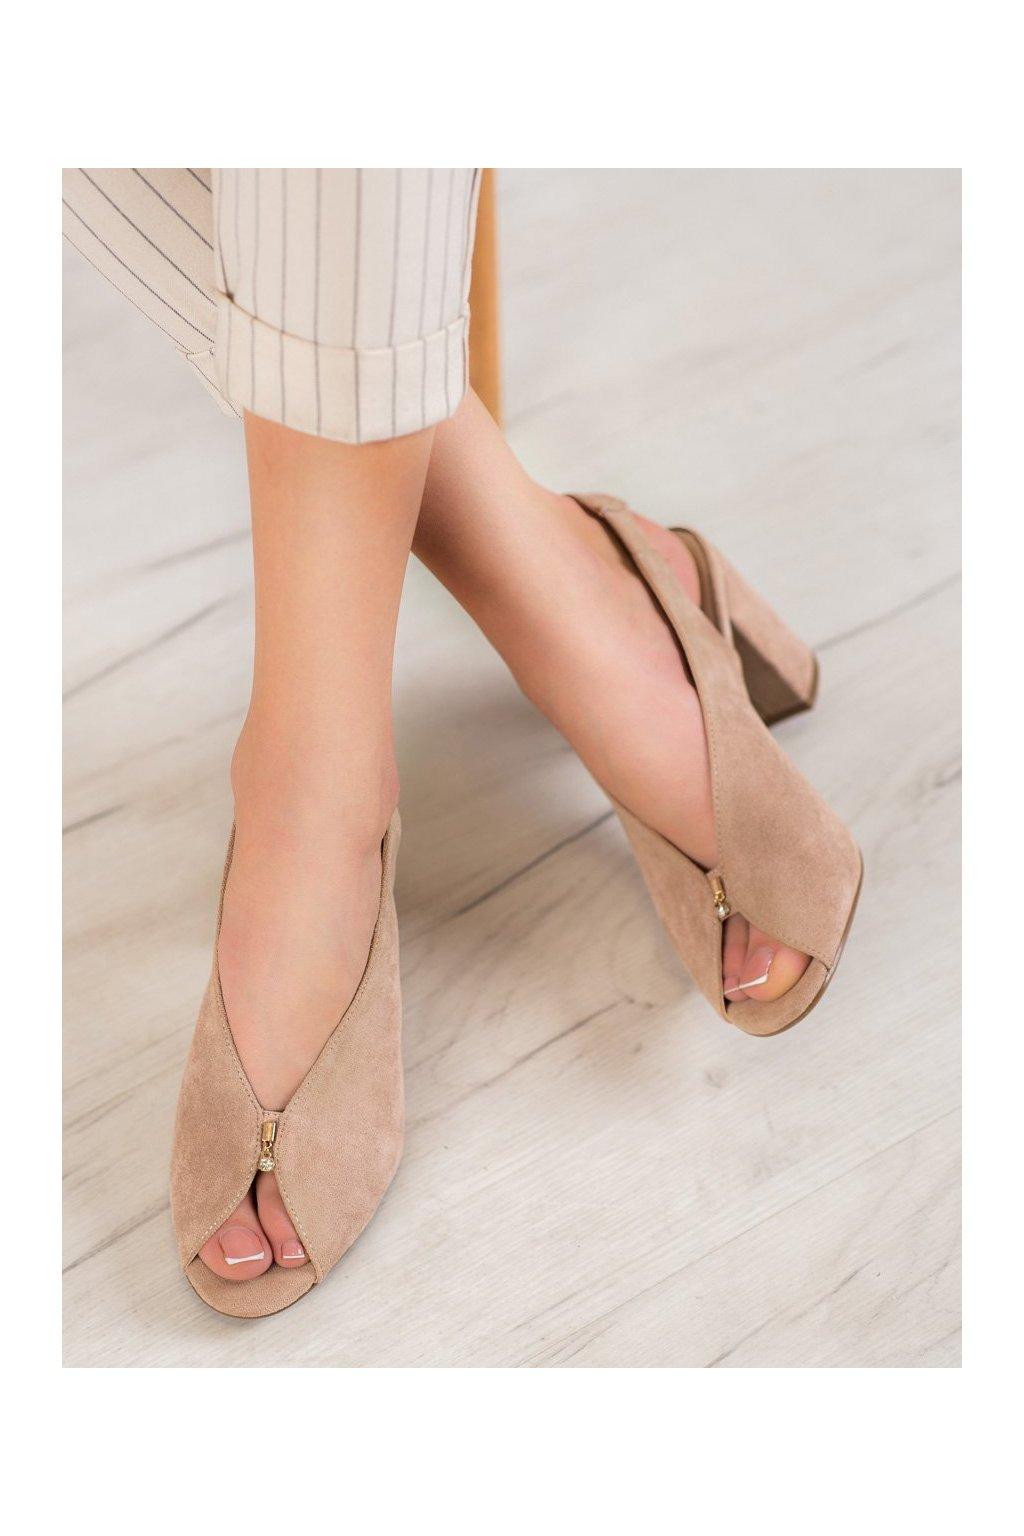 Hnedé sandále Vinceza kod XY20-10534BE